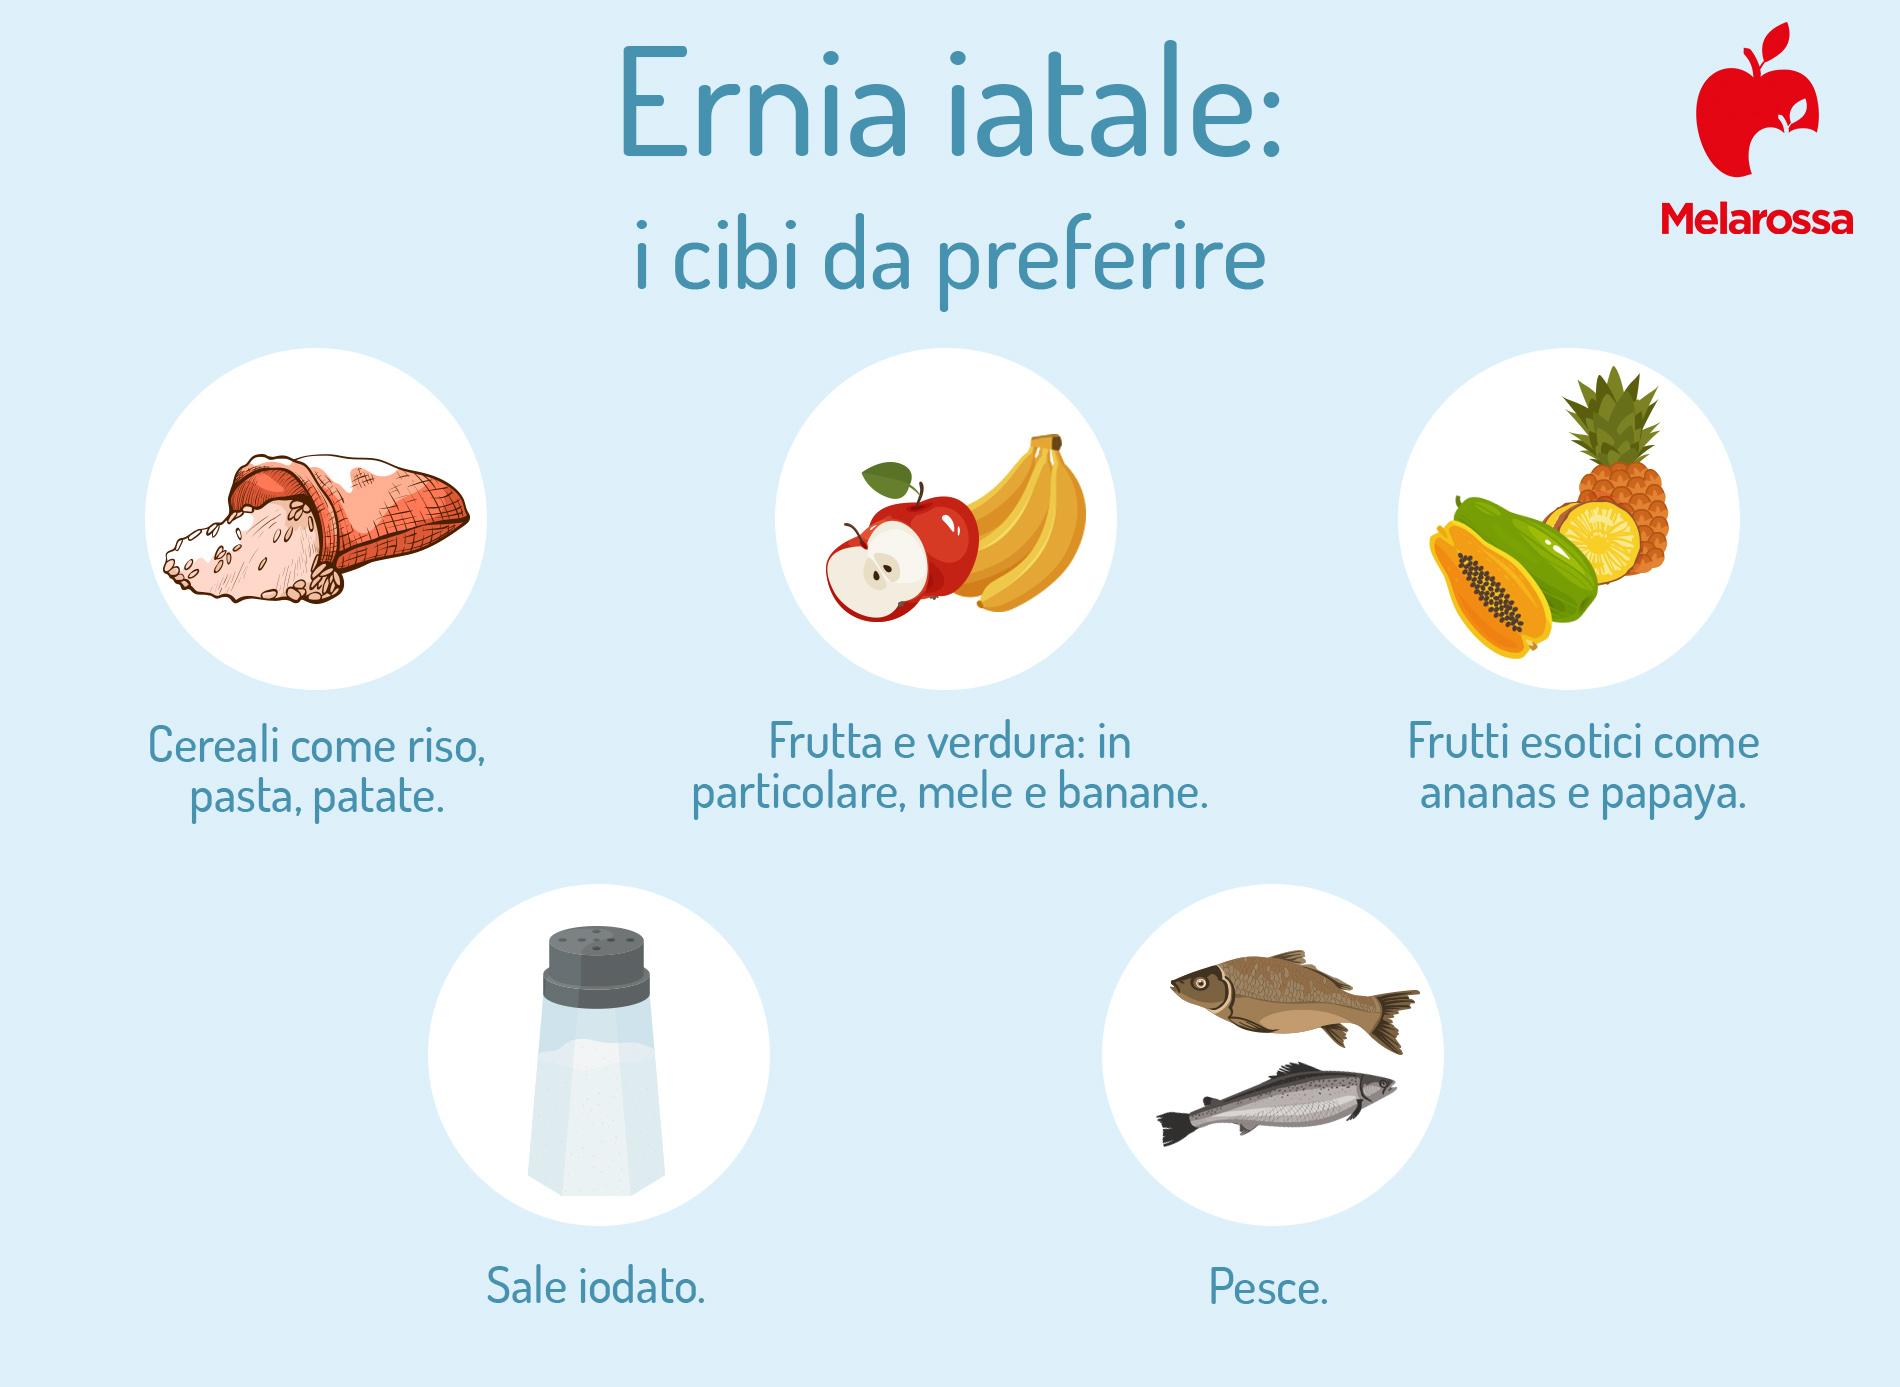 ernia iatale: cibi da preferire